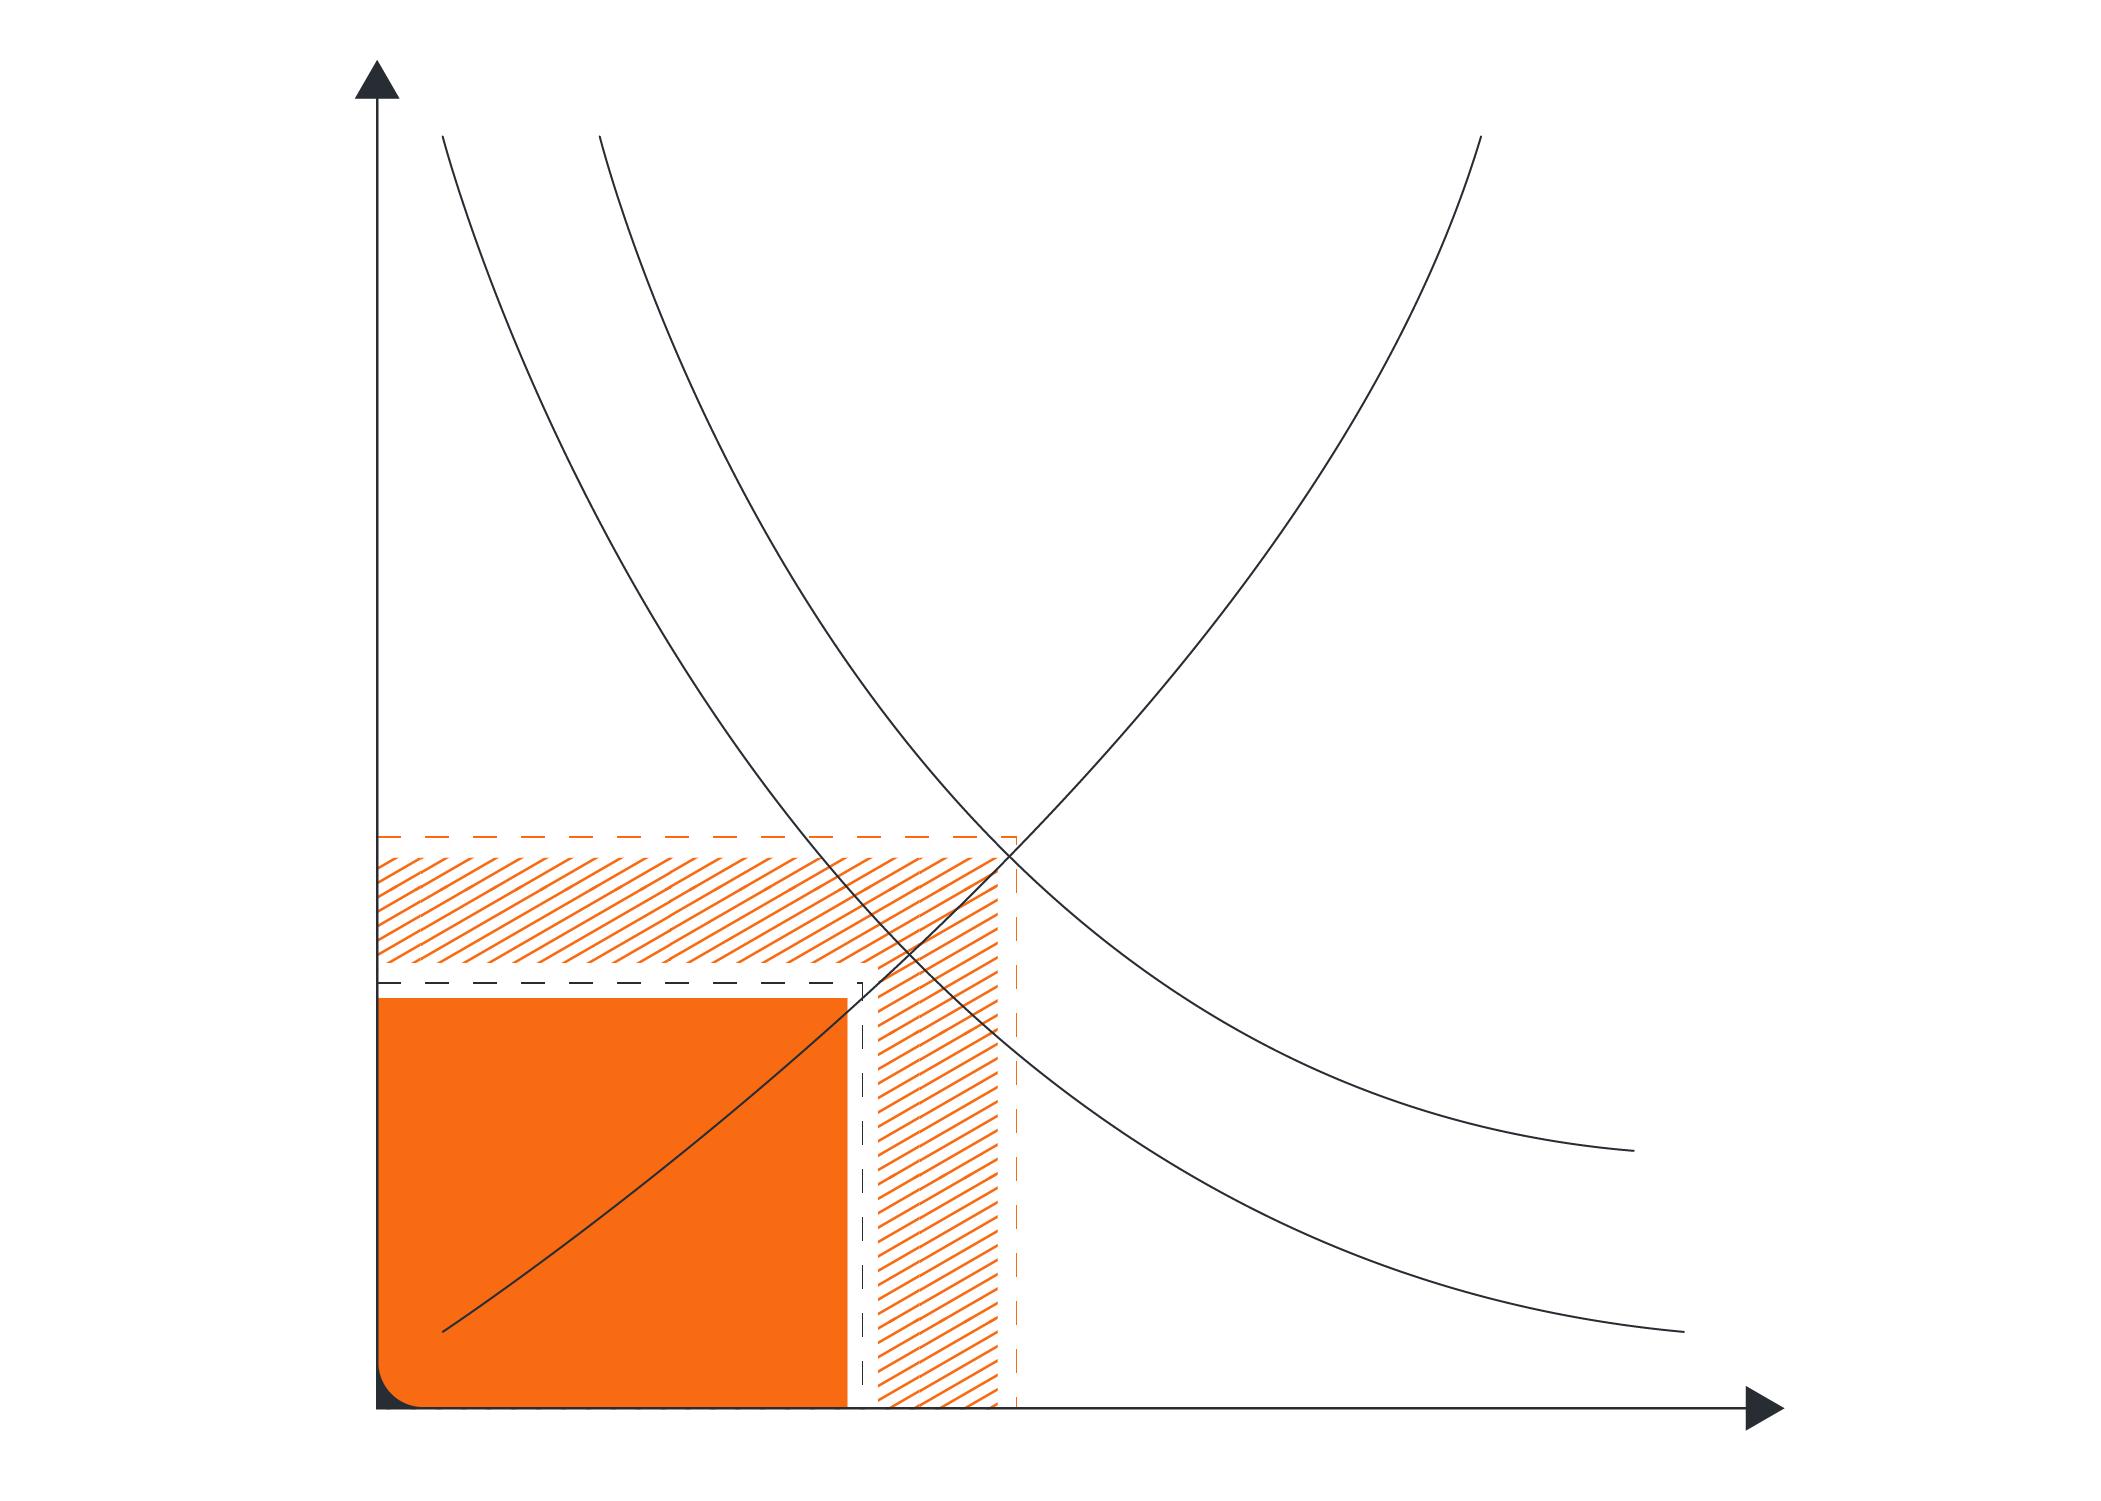 logiciel de graphique d'offre et de demande